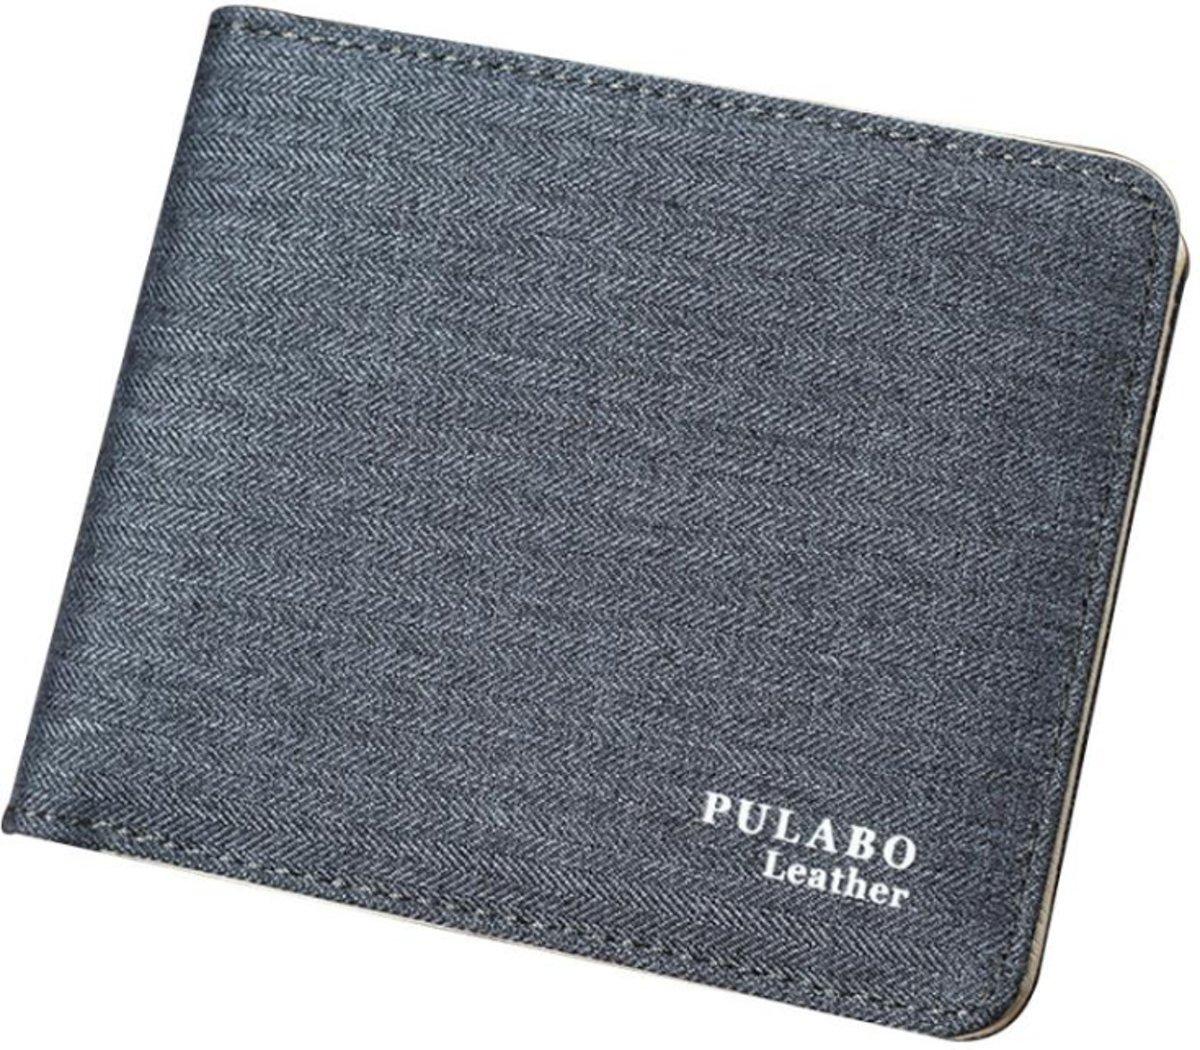 Licht Grijze Pulabo Portemonnee – Portefeuille – Portemonnee – Heren Billfold – 9.5 bij 11.5cm